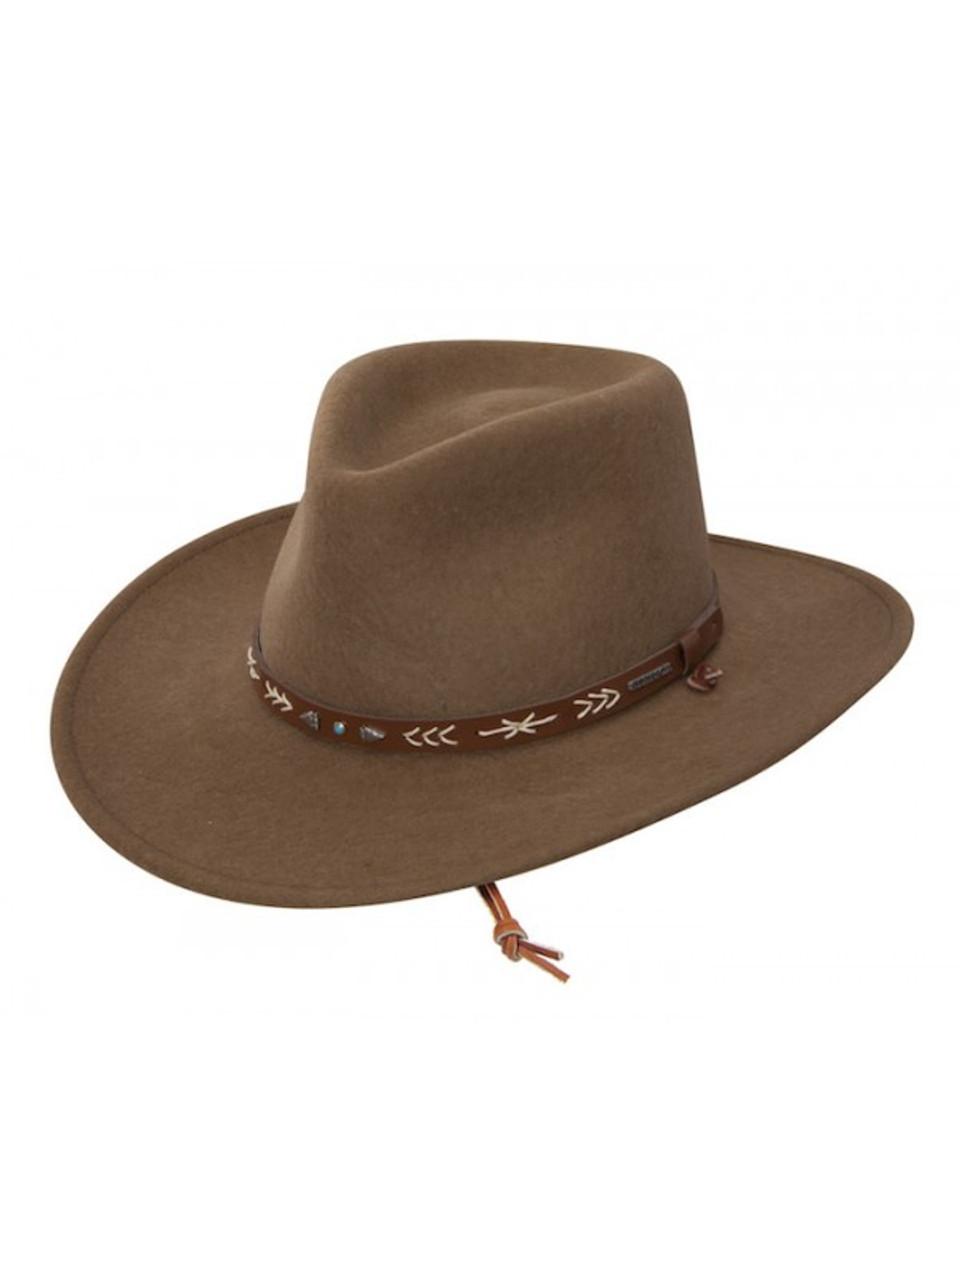 95eea946d4653 Stetson Crushable Wool - Santa Fe - Driftwood - Billy s Western Wear